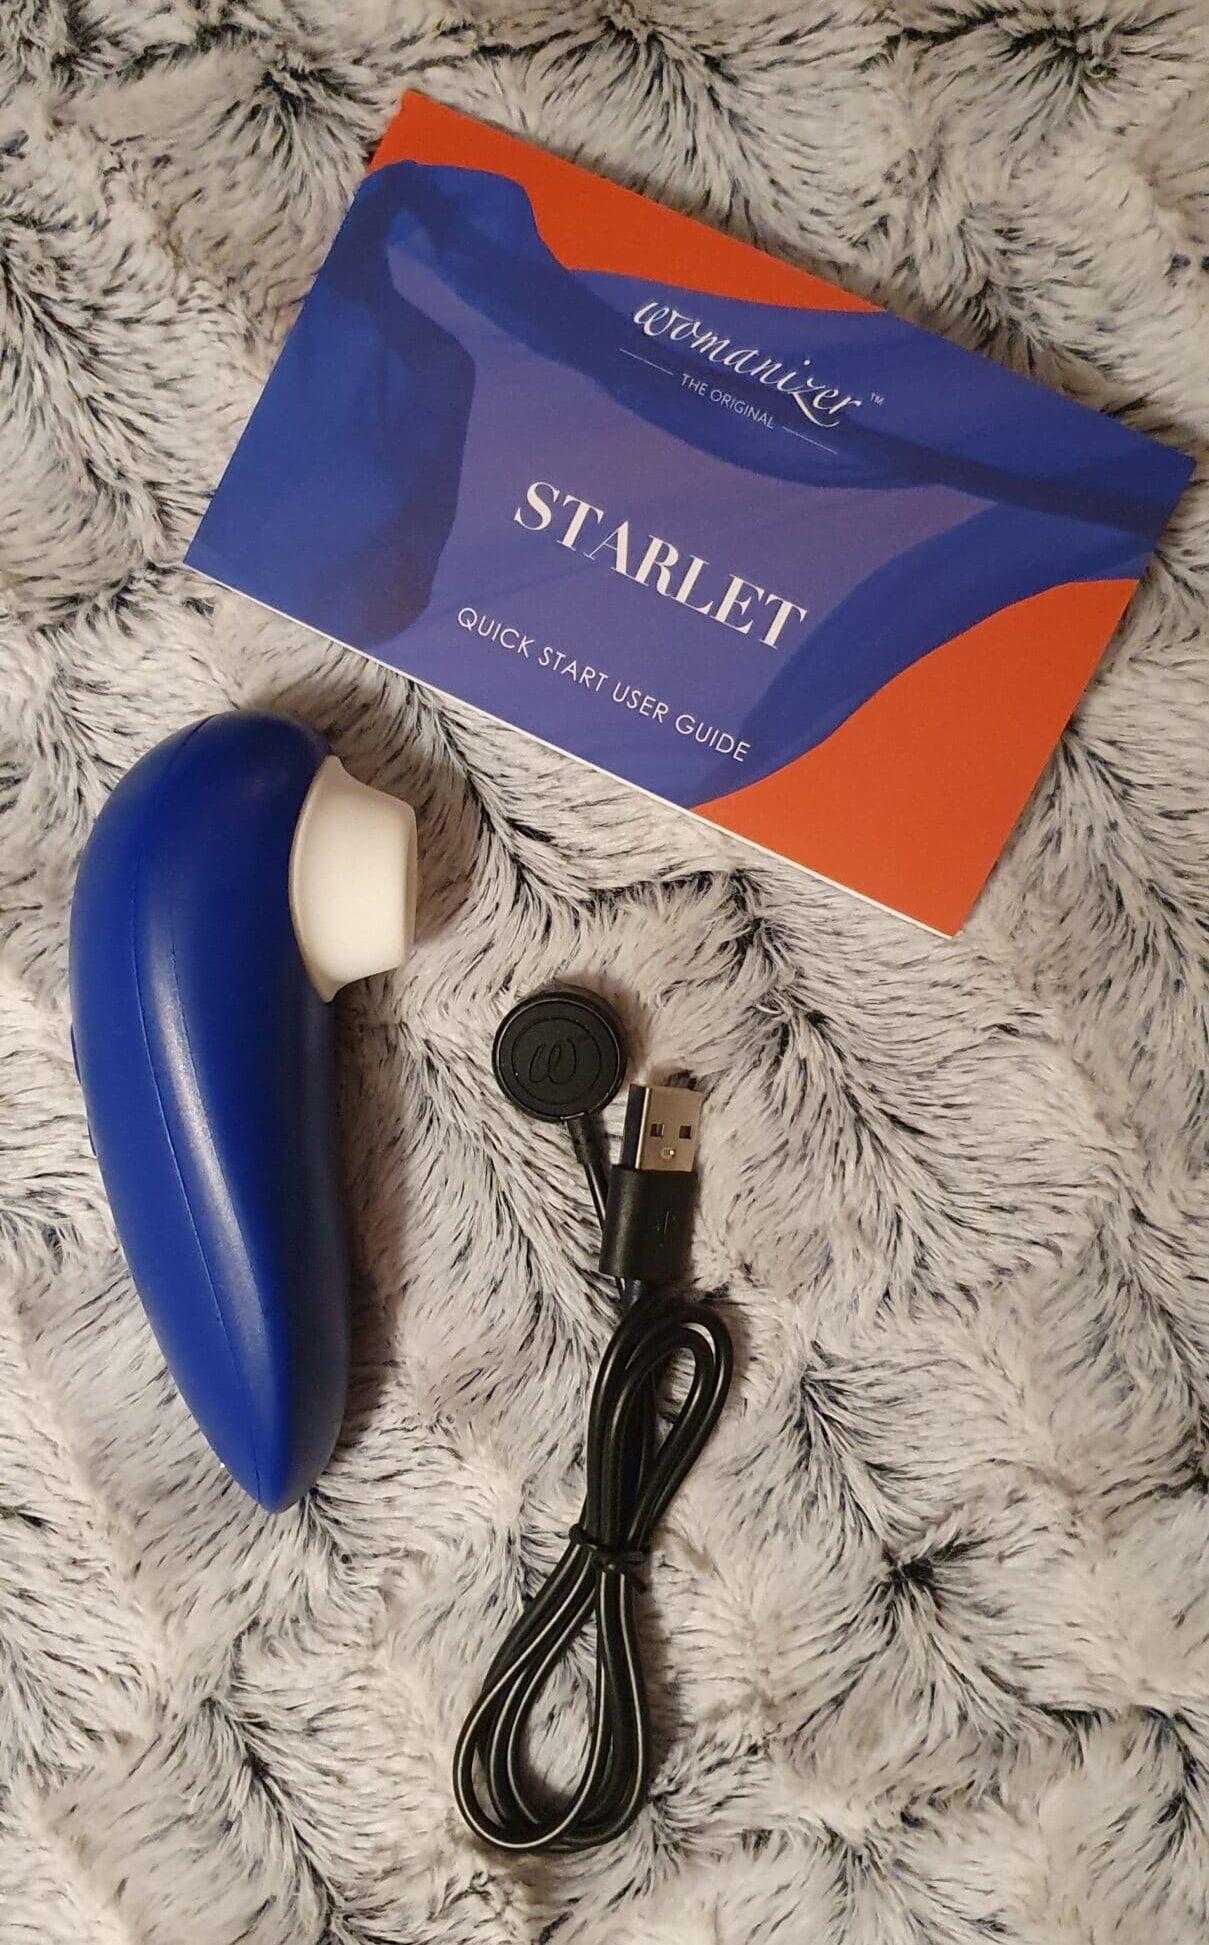 Womanizer Starlet 2 Lufttrycksvibrator